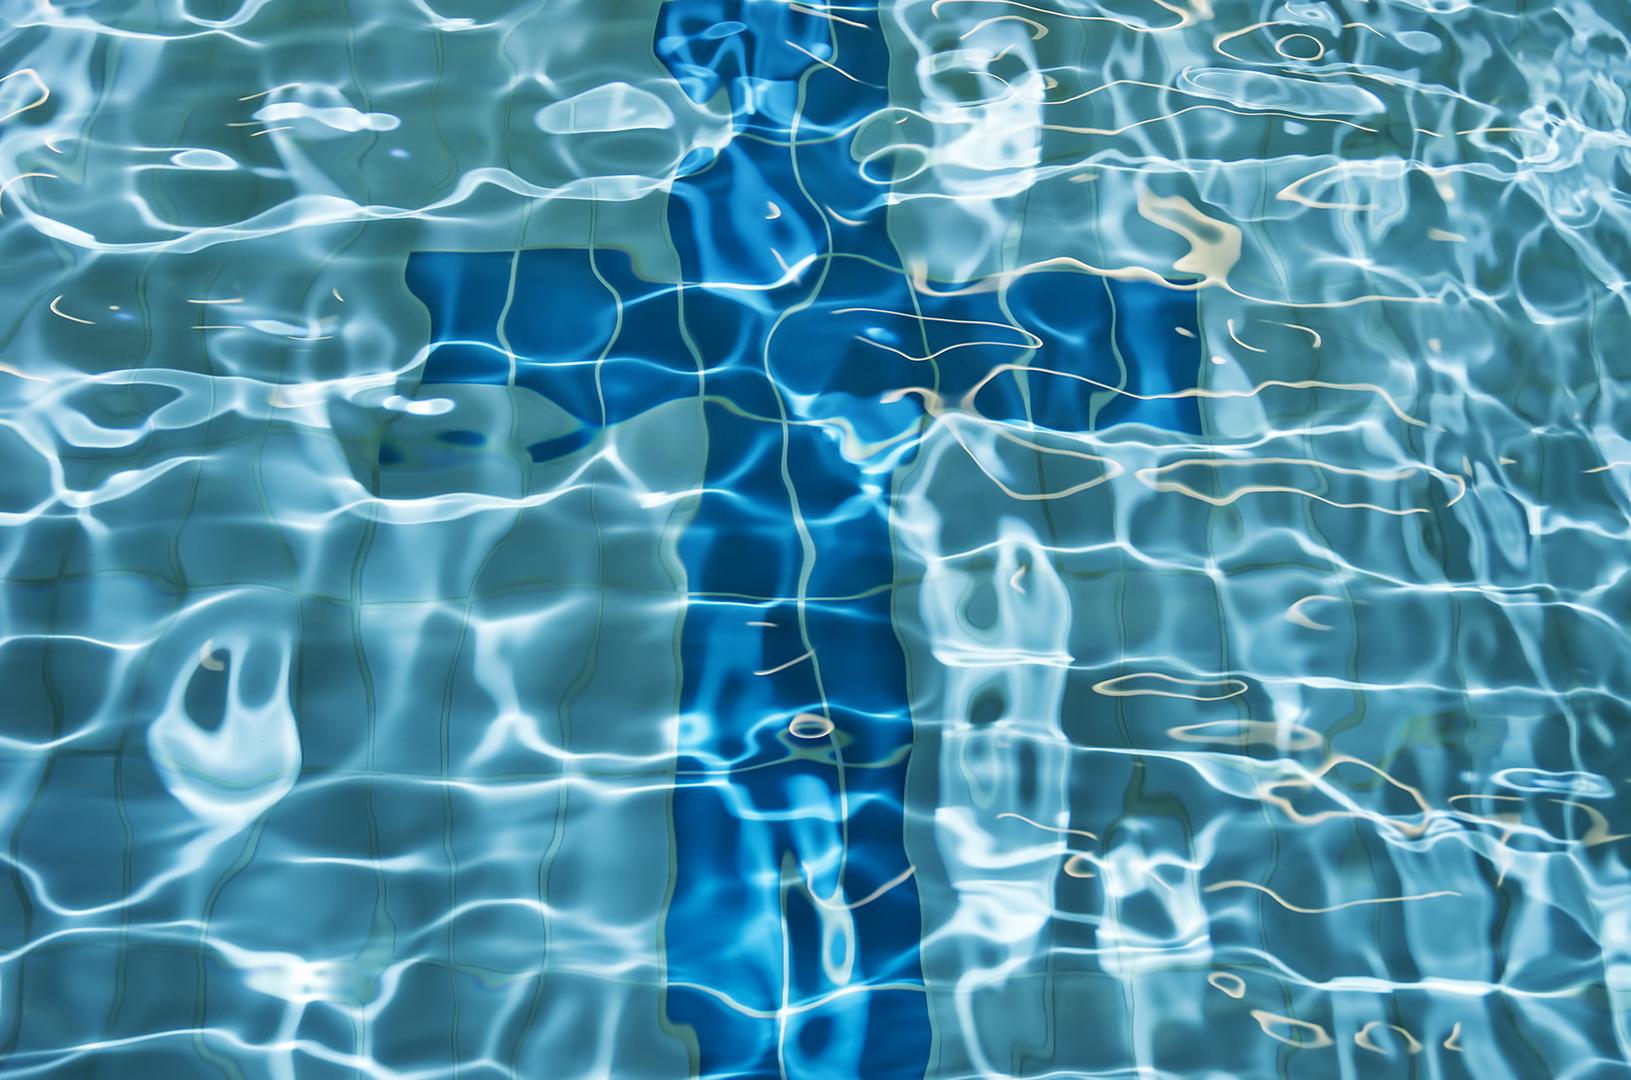 El bautismo en las aguas3 min read